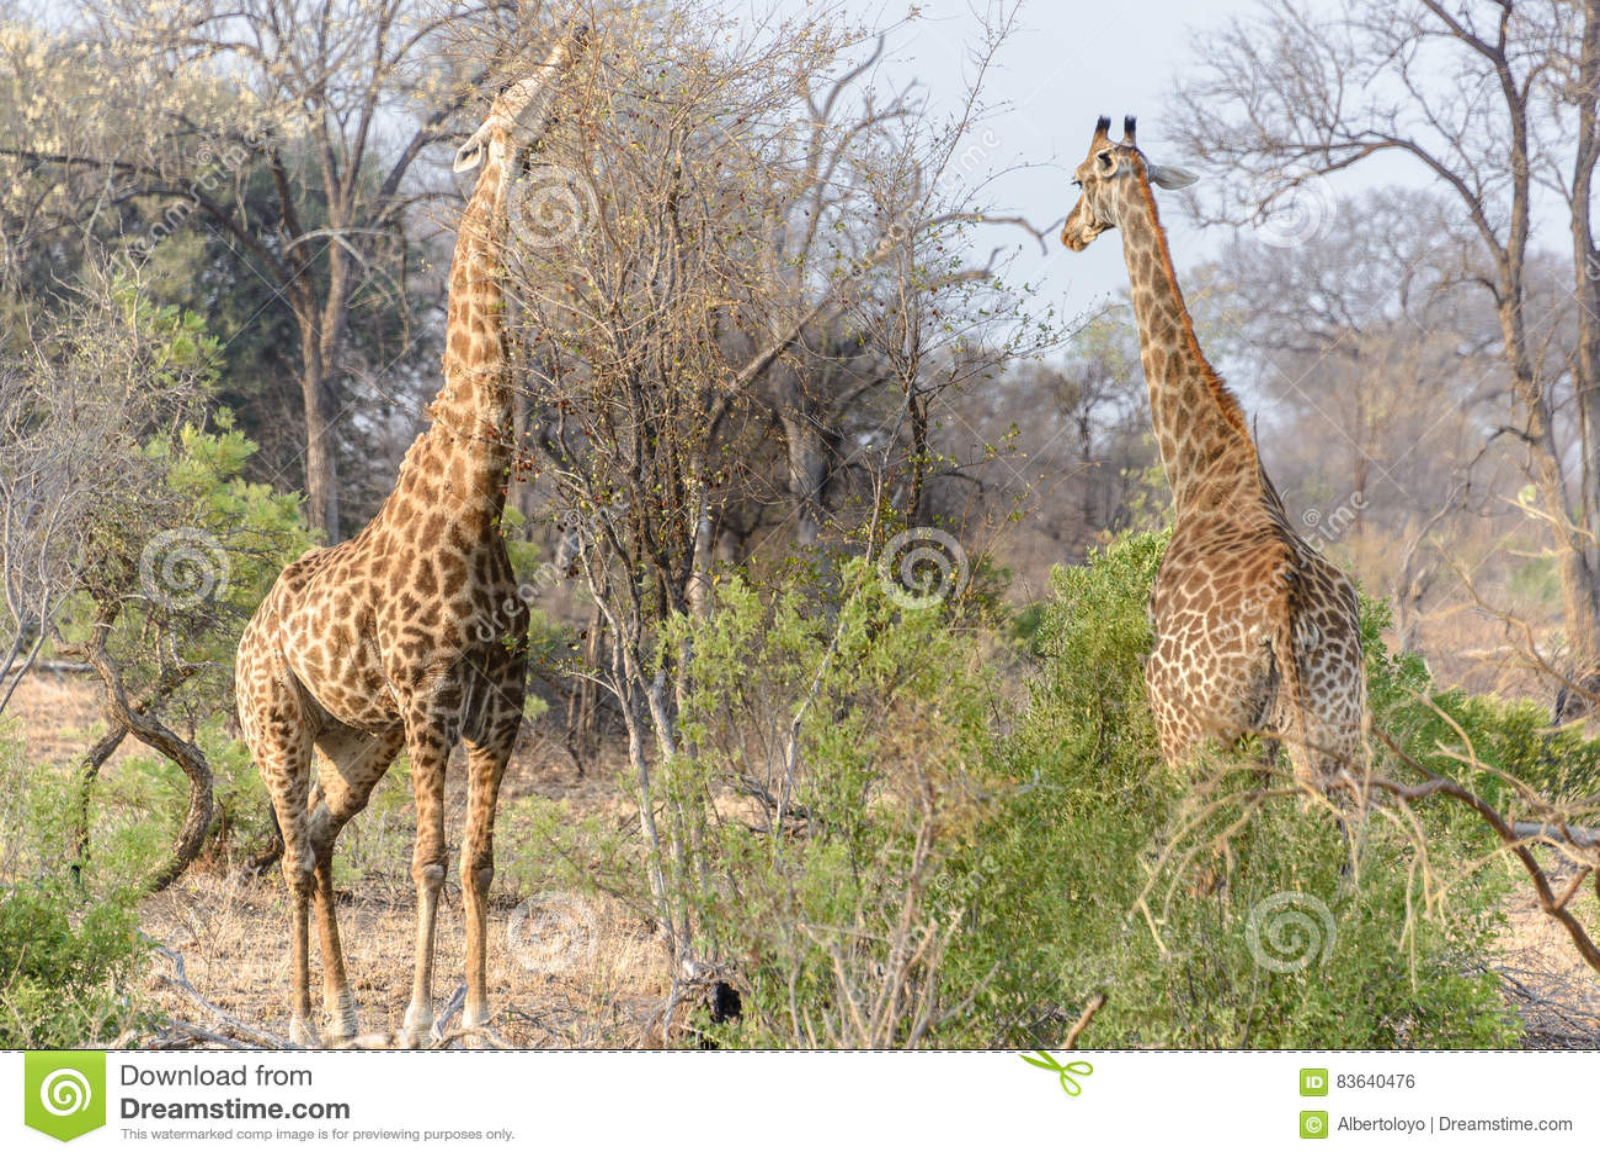 Södra - afrikanska giraff i den Kruger nationalparken, Sydafrika